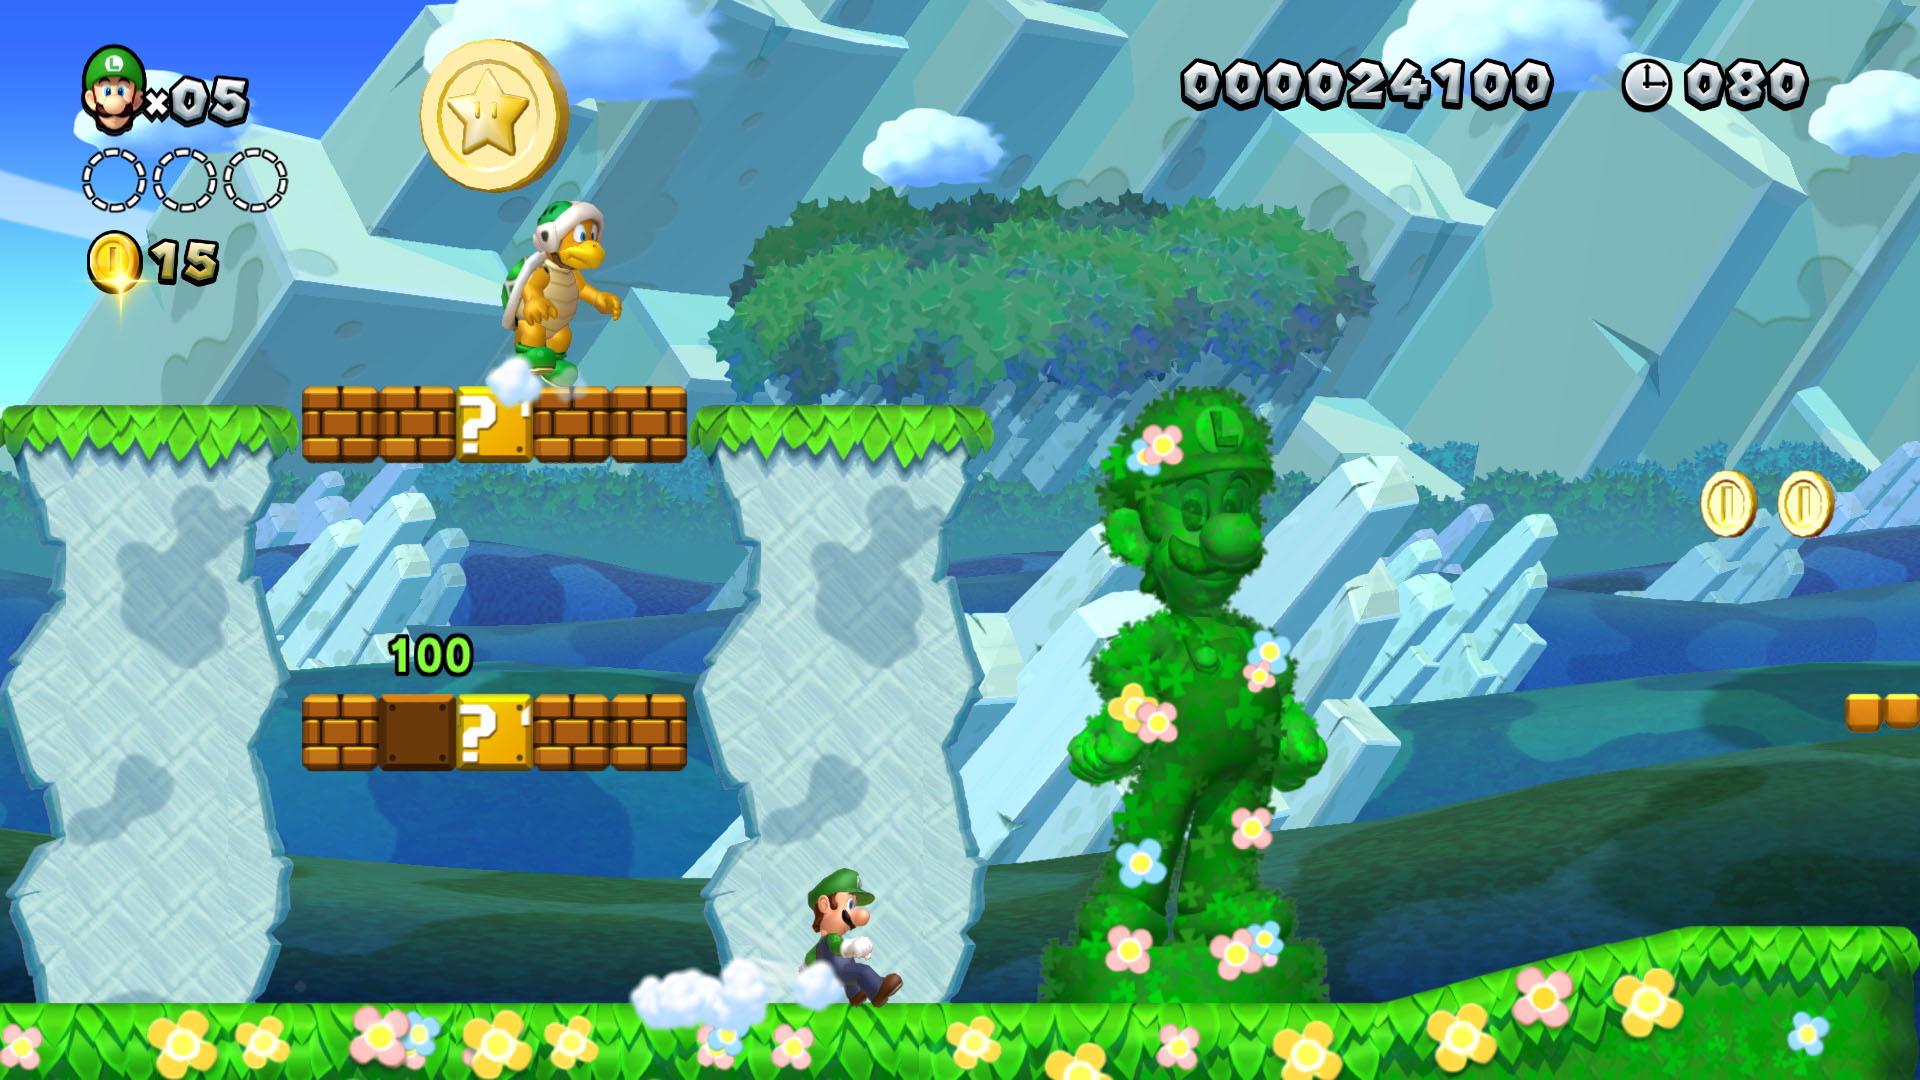 [i]New Super Luigi U[/i] è pieno zeppo di easter egg a tema Luigi, e trovarli è uno spasso.